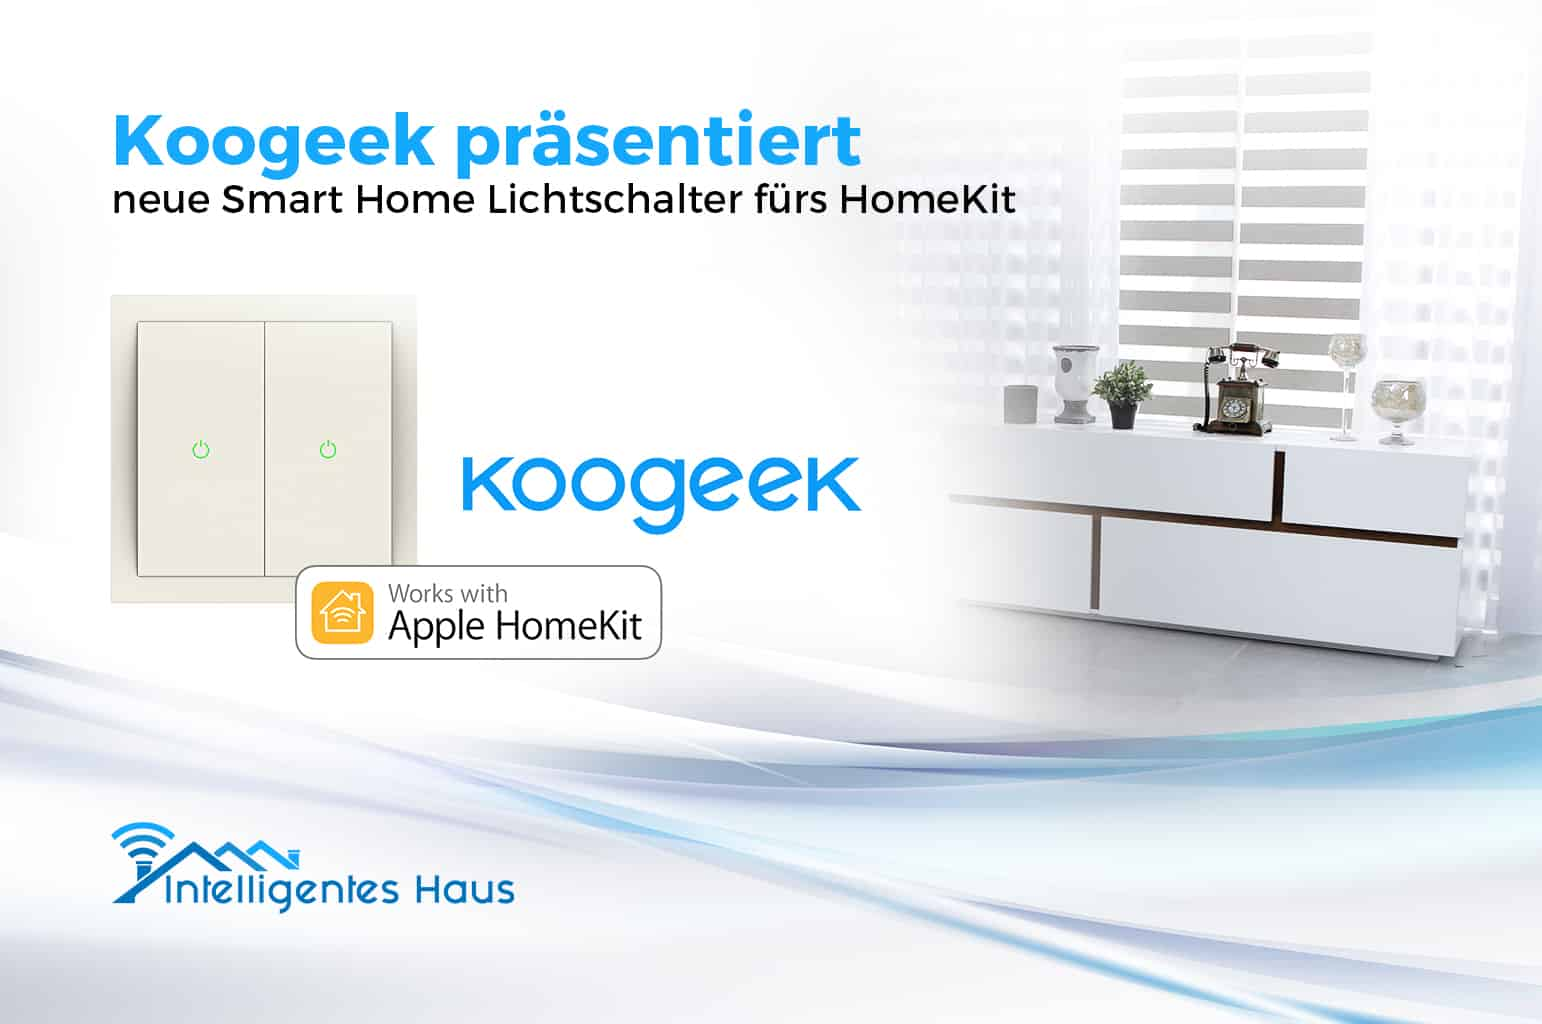 Großartig Verdrahtung Nach Hause Zeitgenössisch - Schaltplan Serie ...